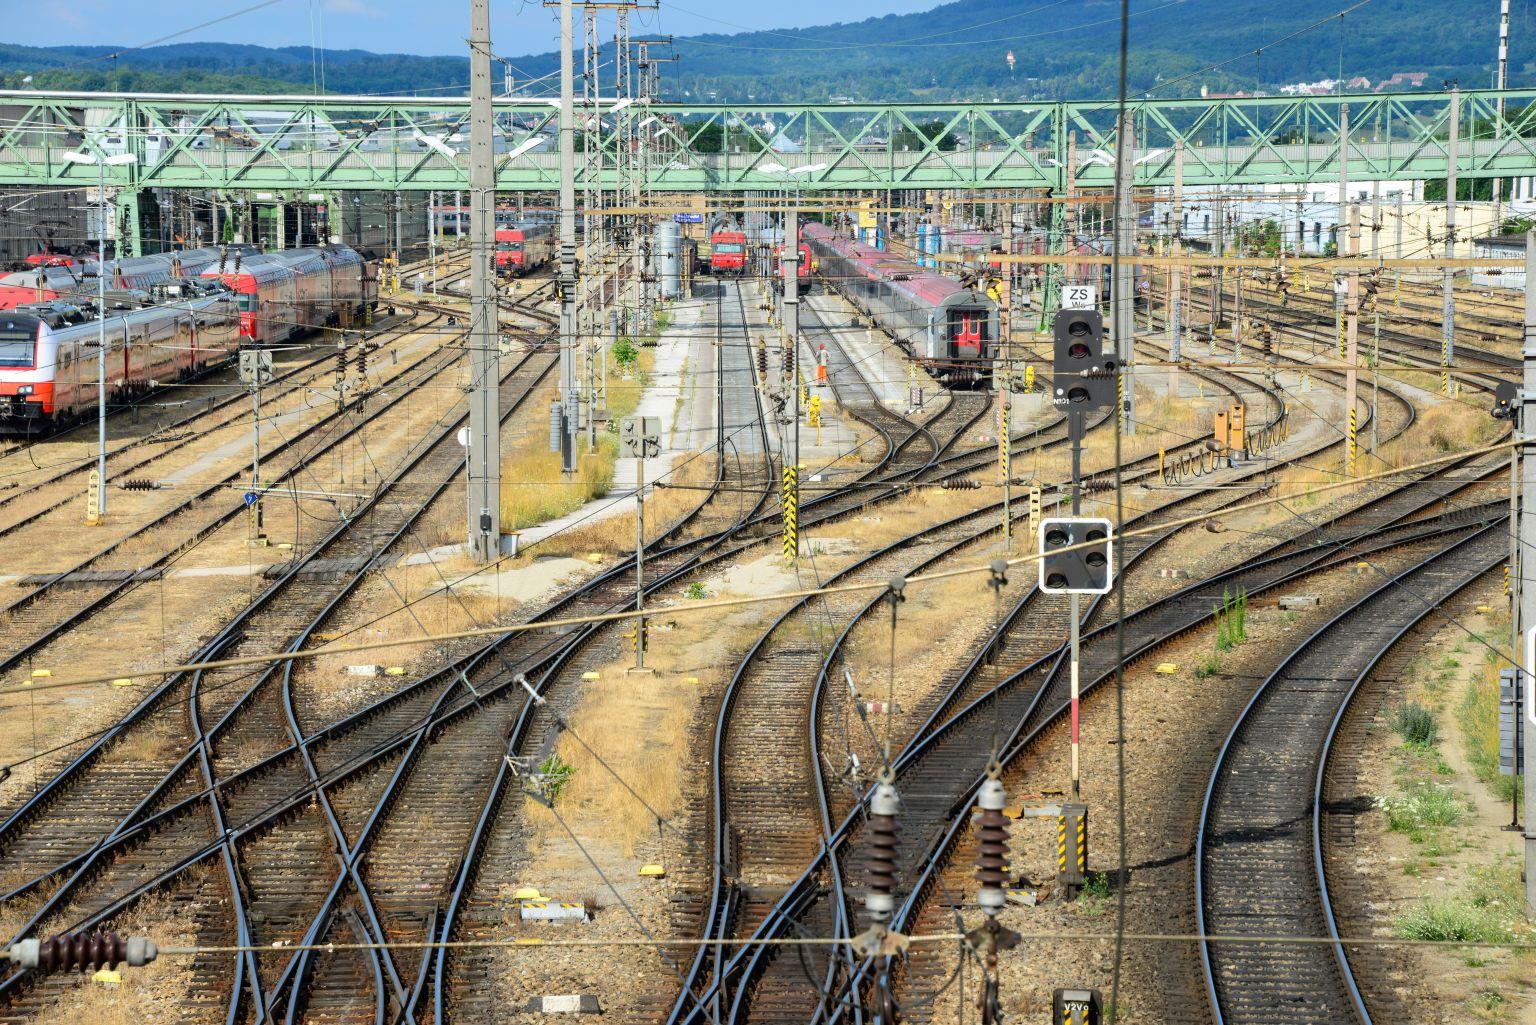 Gleisbau-Großprojekt am Westbahnhof startet